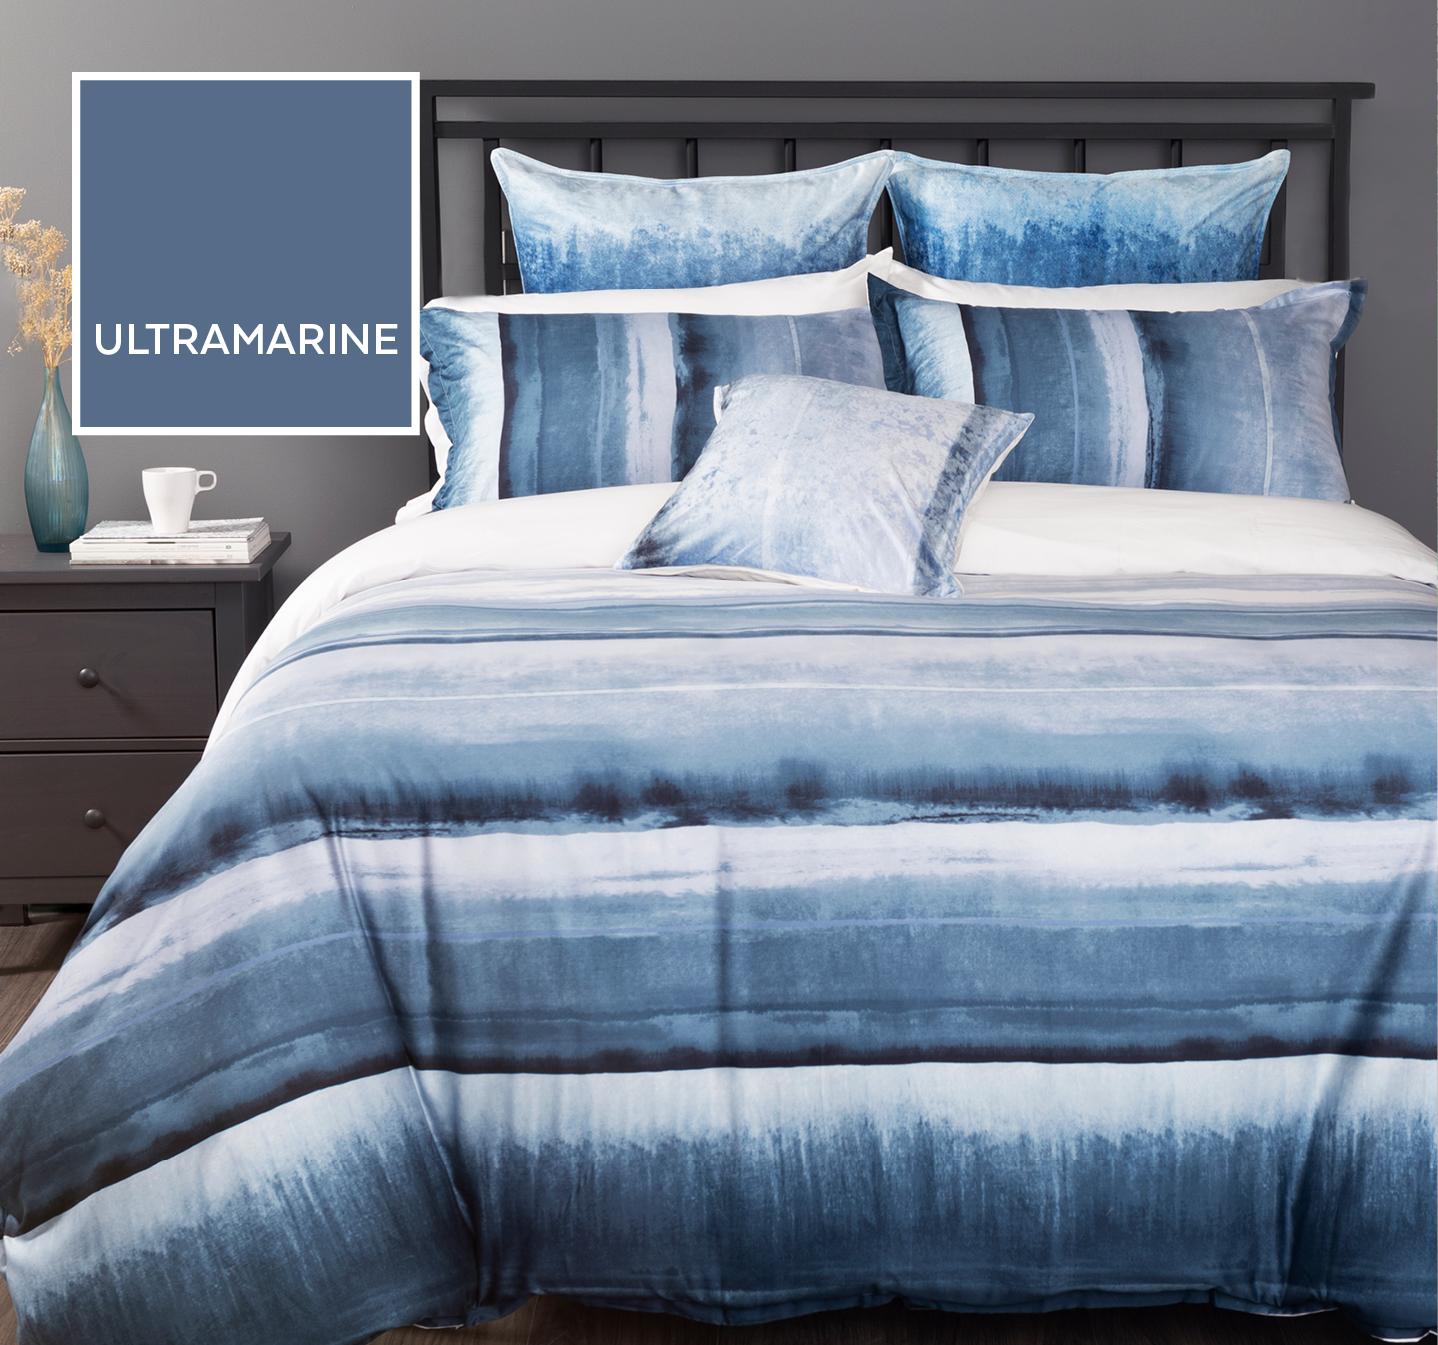 Ultramarine Blue Duvet Cover